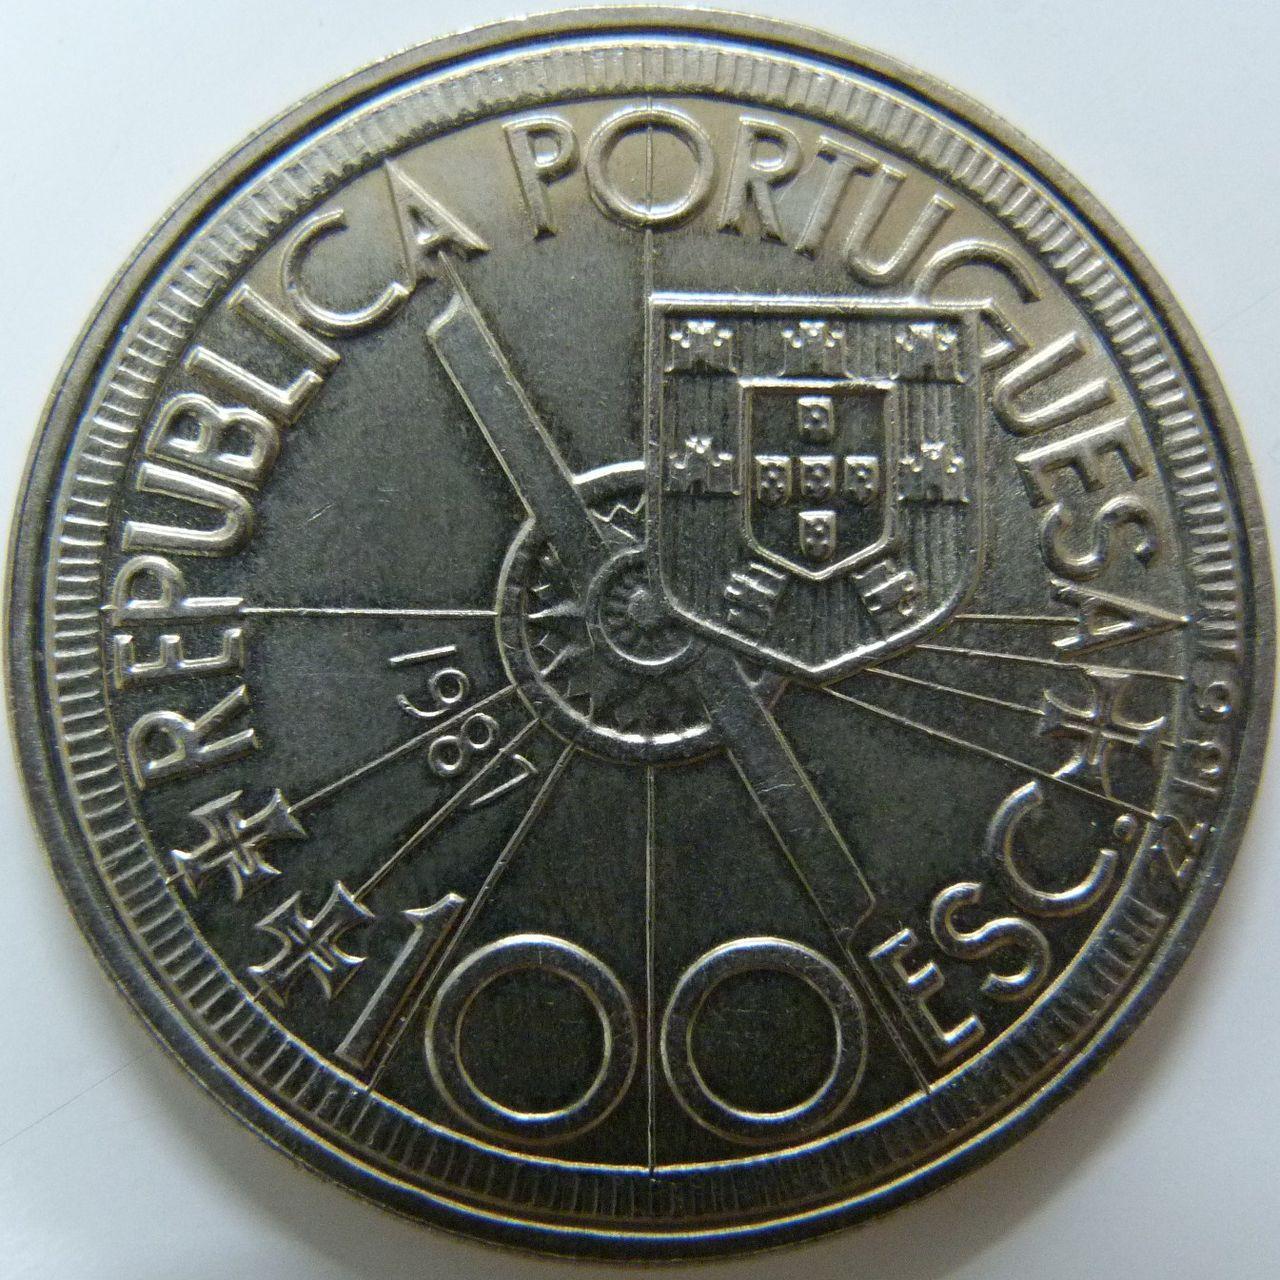 100 Escudos. Portugal (1987) - Diogo Cao POR_100_Escudos_Diogo_Cao_anv